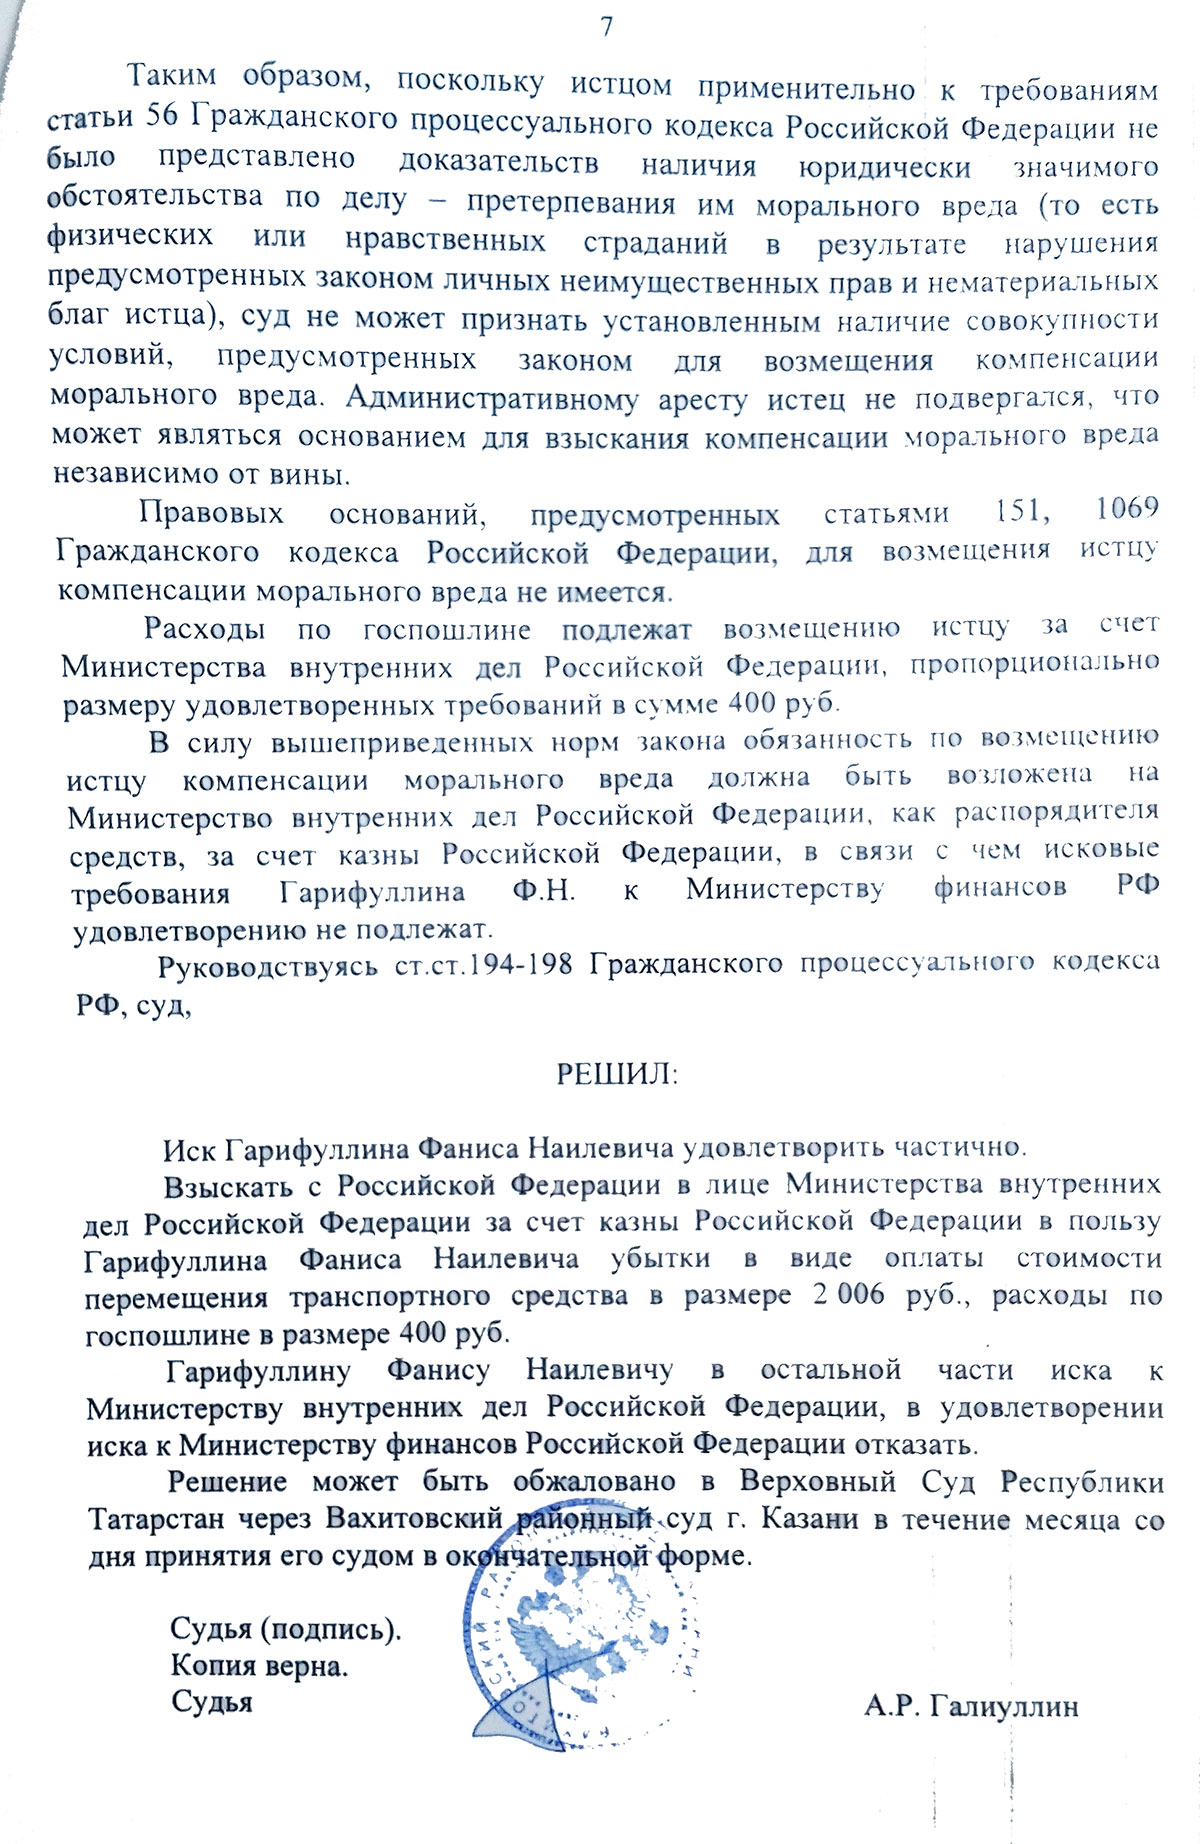 Порядок исполнения запросов - Архивы Санкт-Петербурга